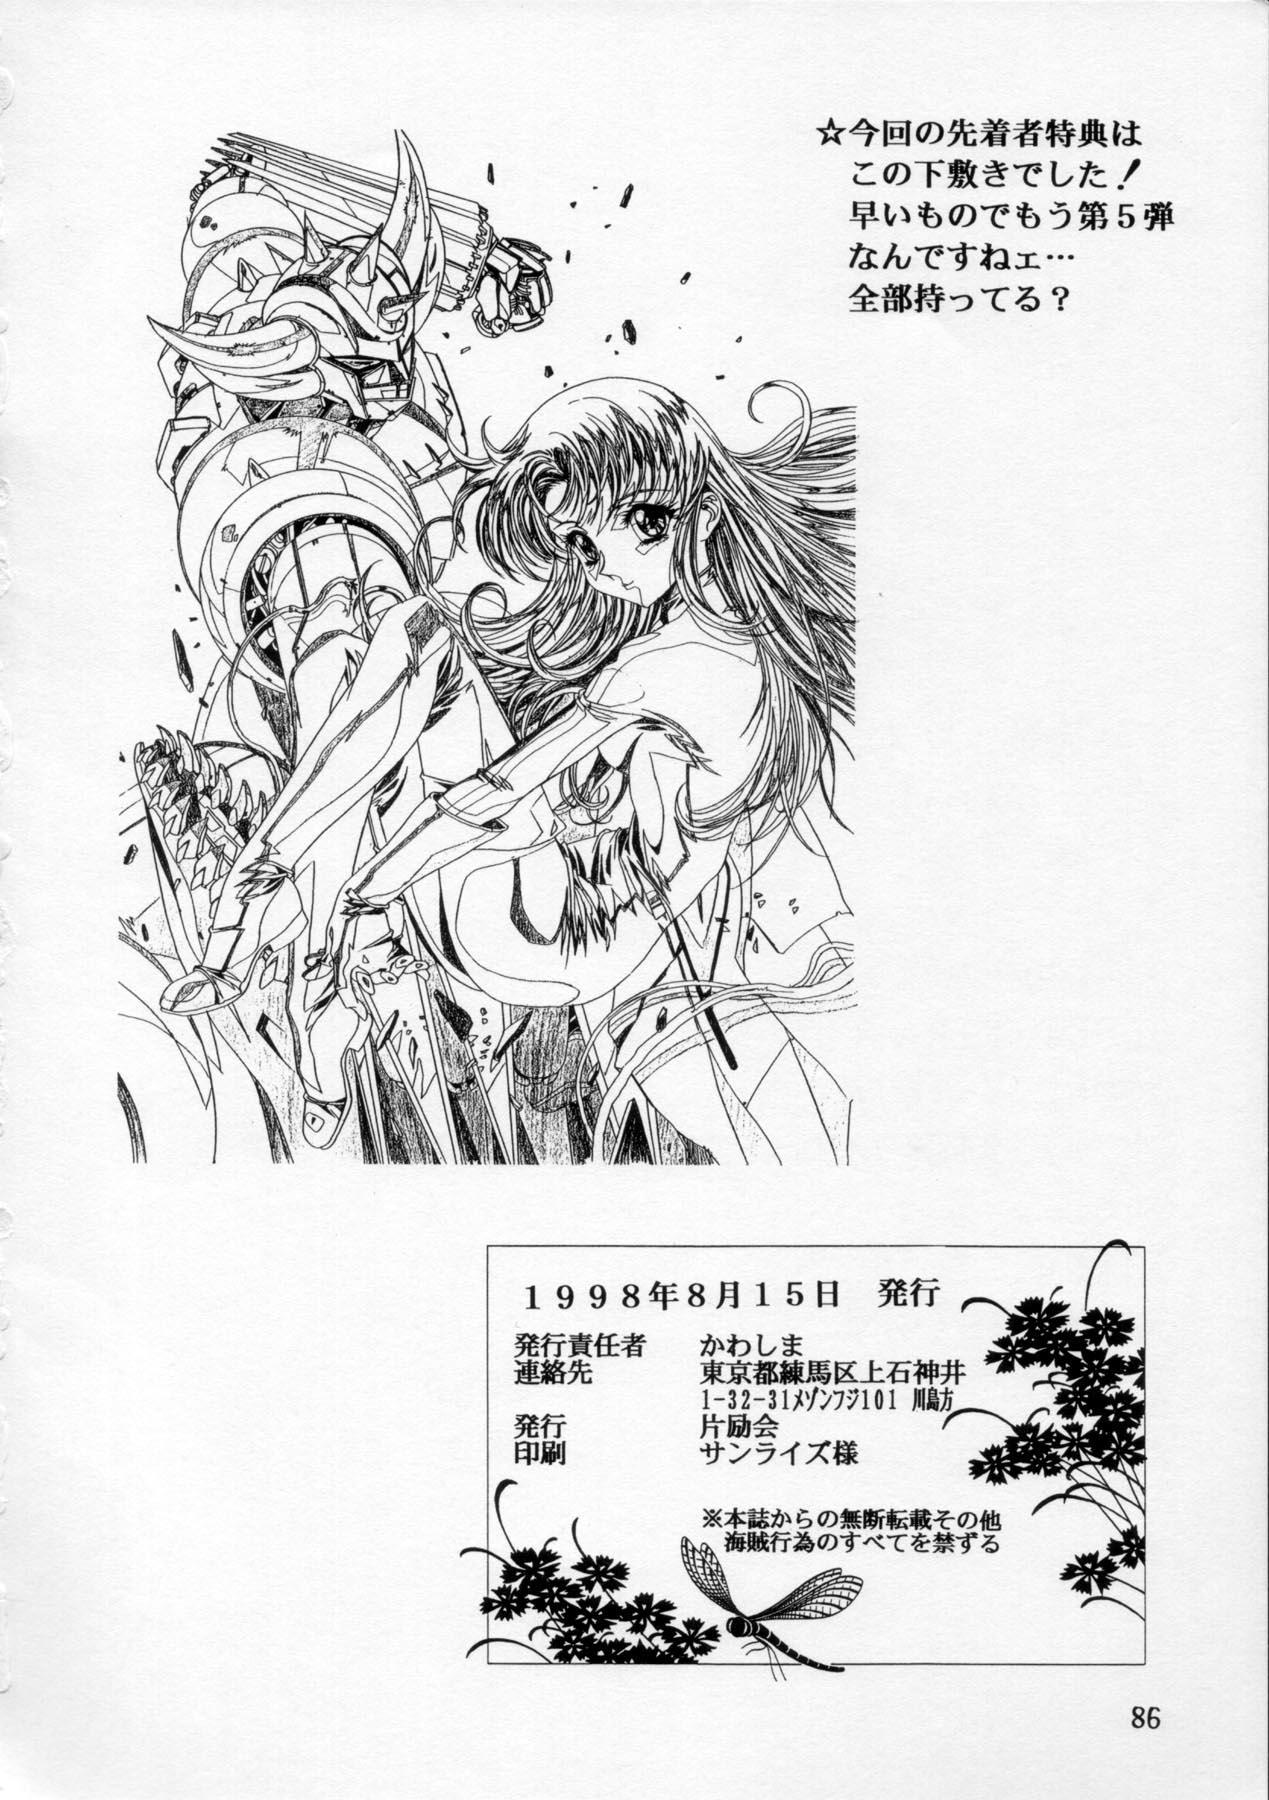 Henreikai '98 Natsu SPECIAL 86